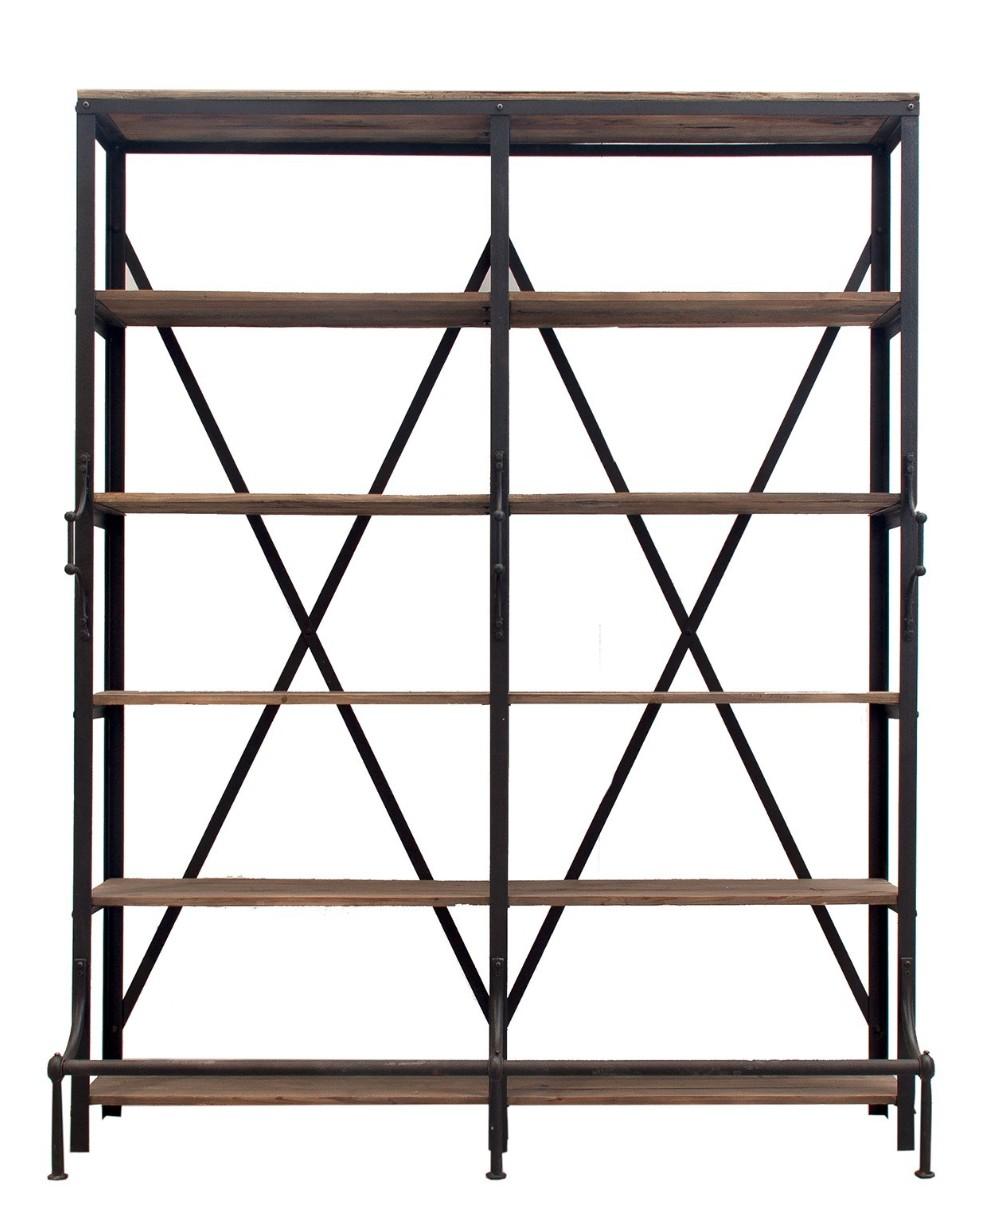 etag re vintage bois de manguier naturel et m tal noir. Black Bedroom Furniture Sets. Home Design Ideas